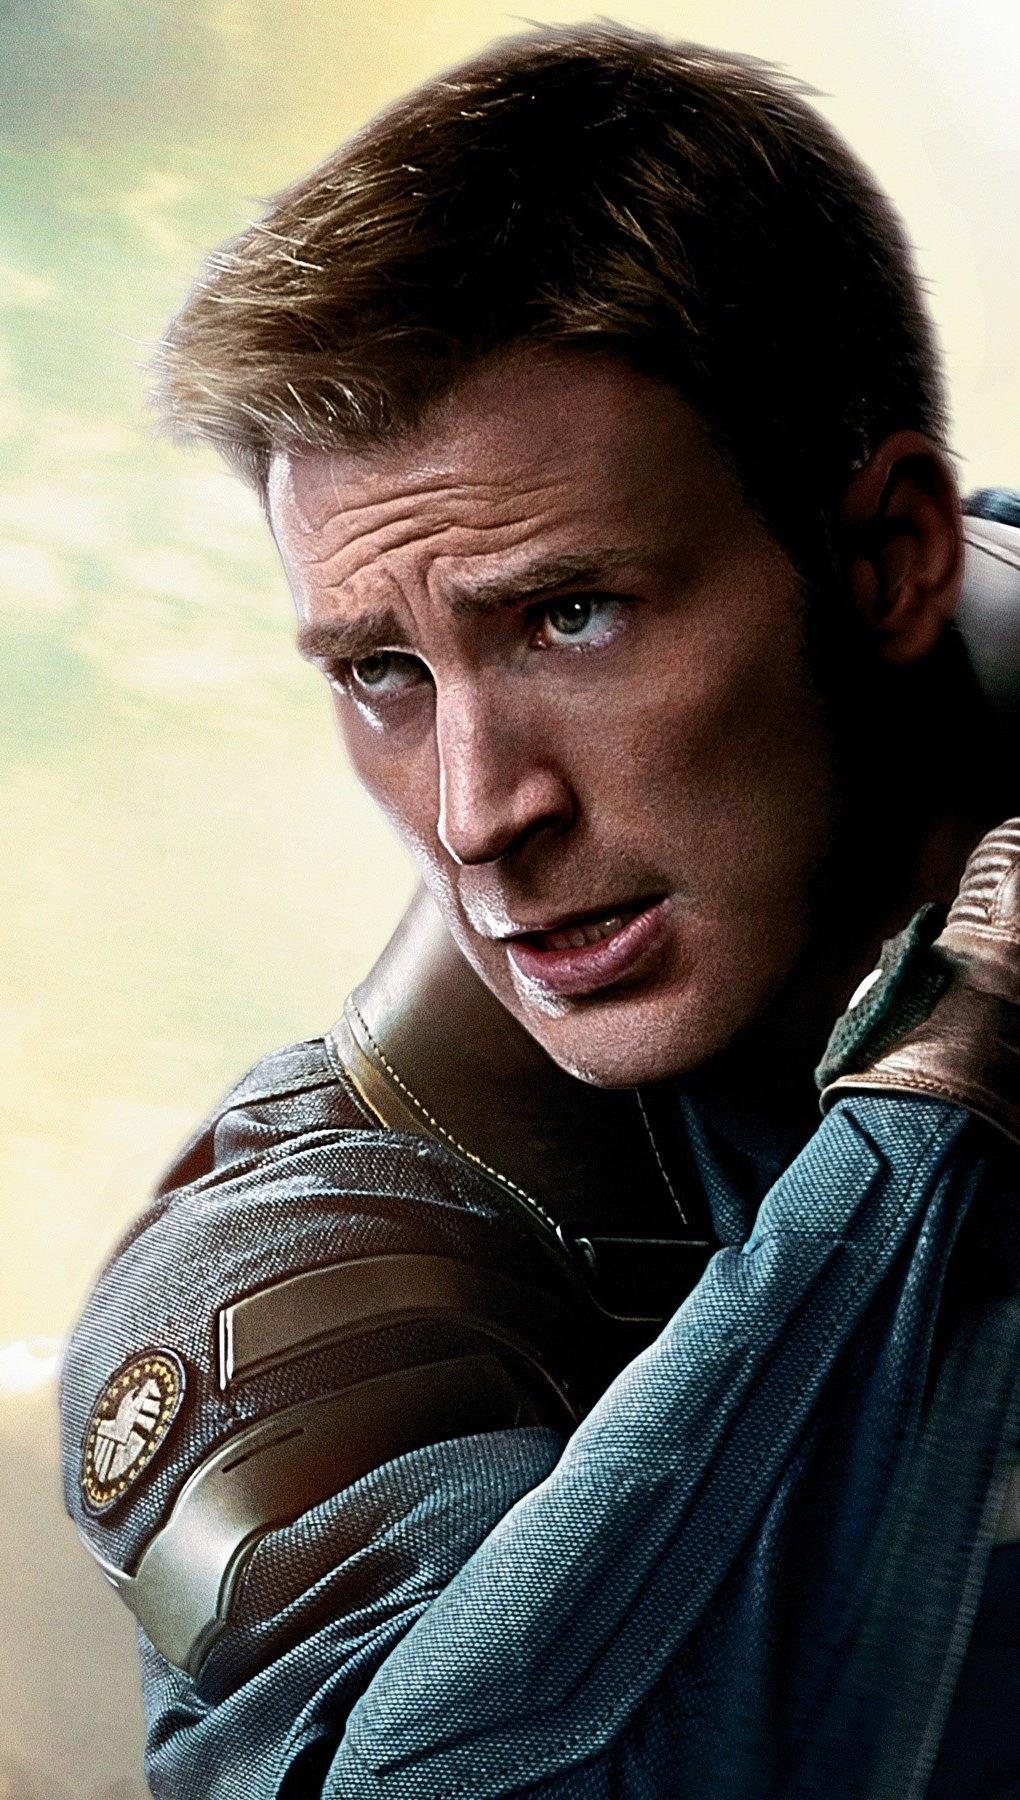 Fondos de pantalla Chris Evans en Capitan America El soldado de invierno Vertical